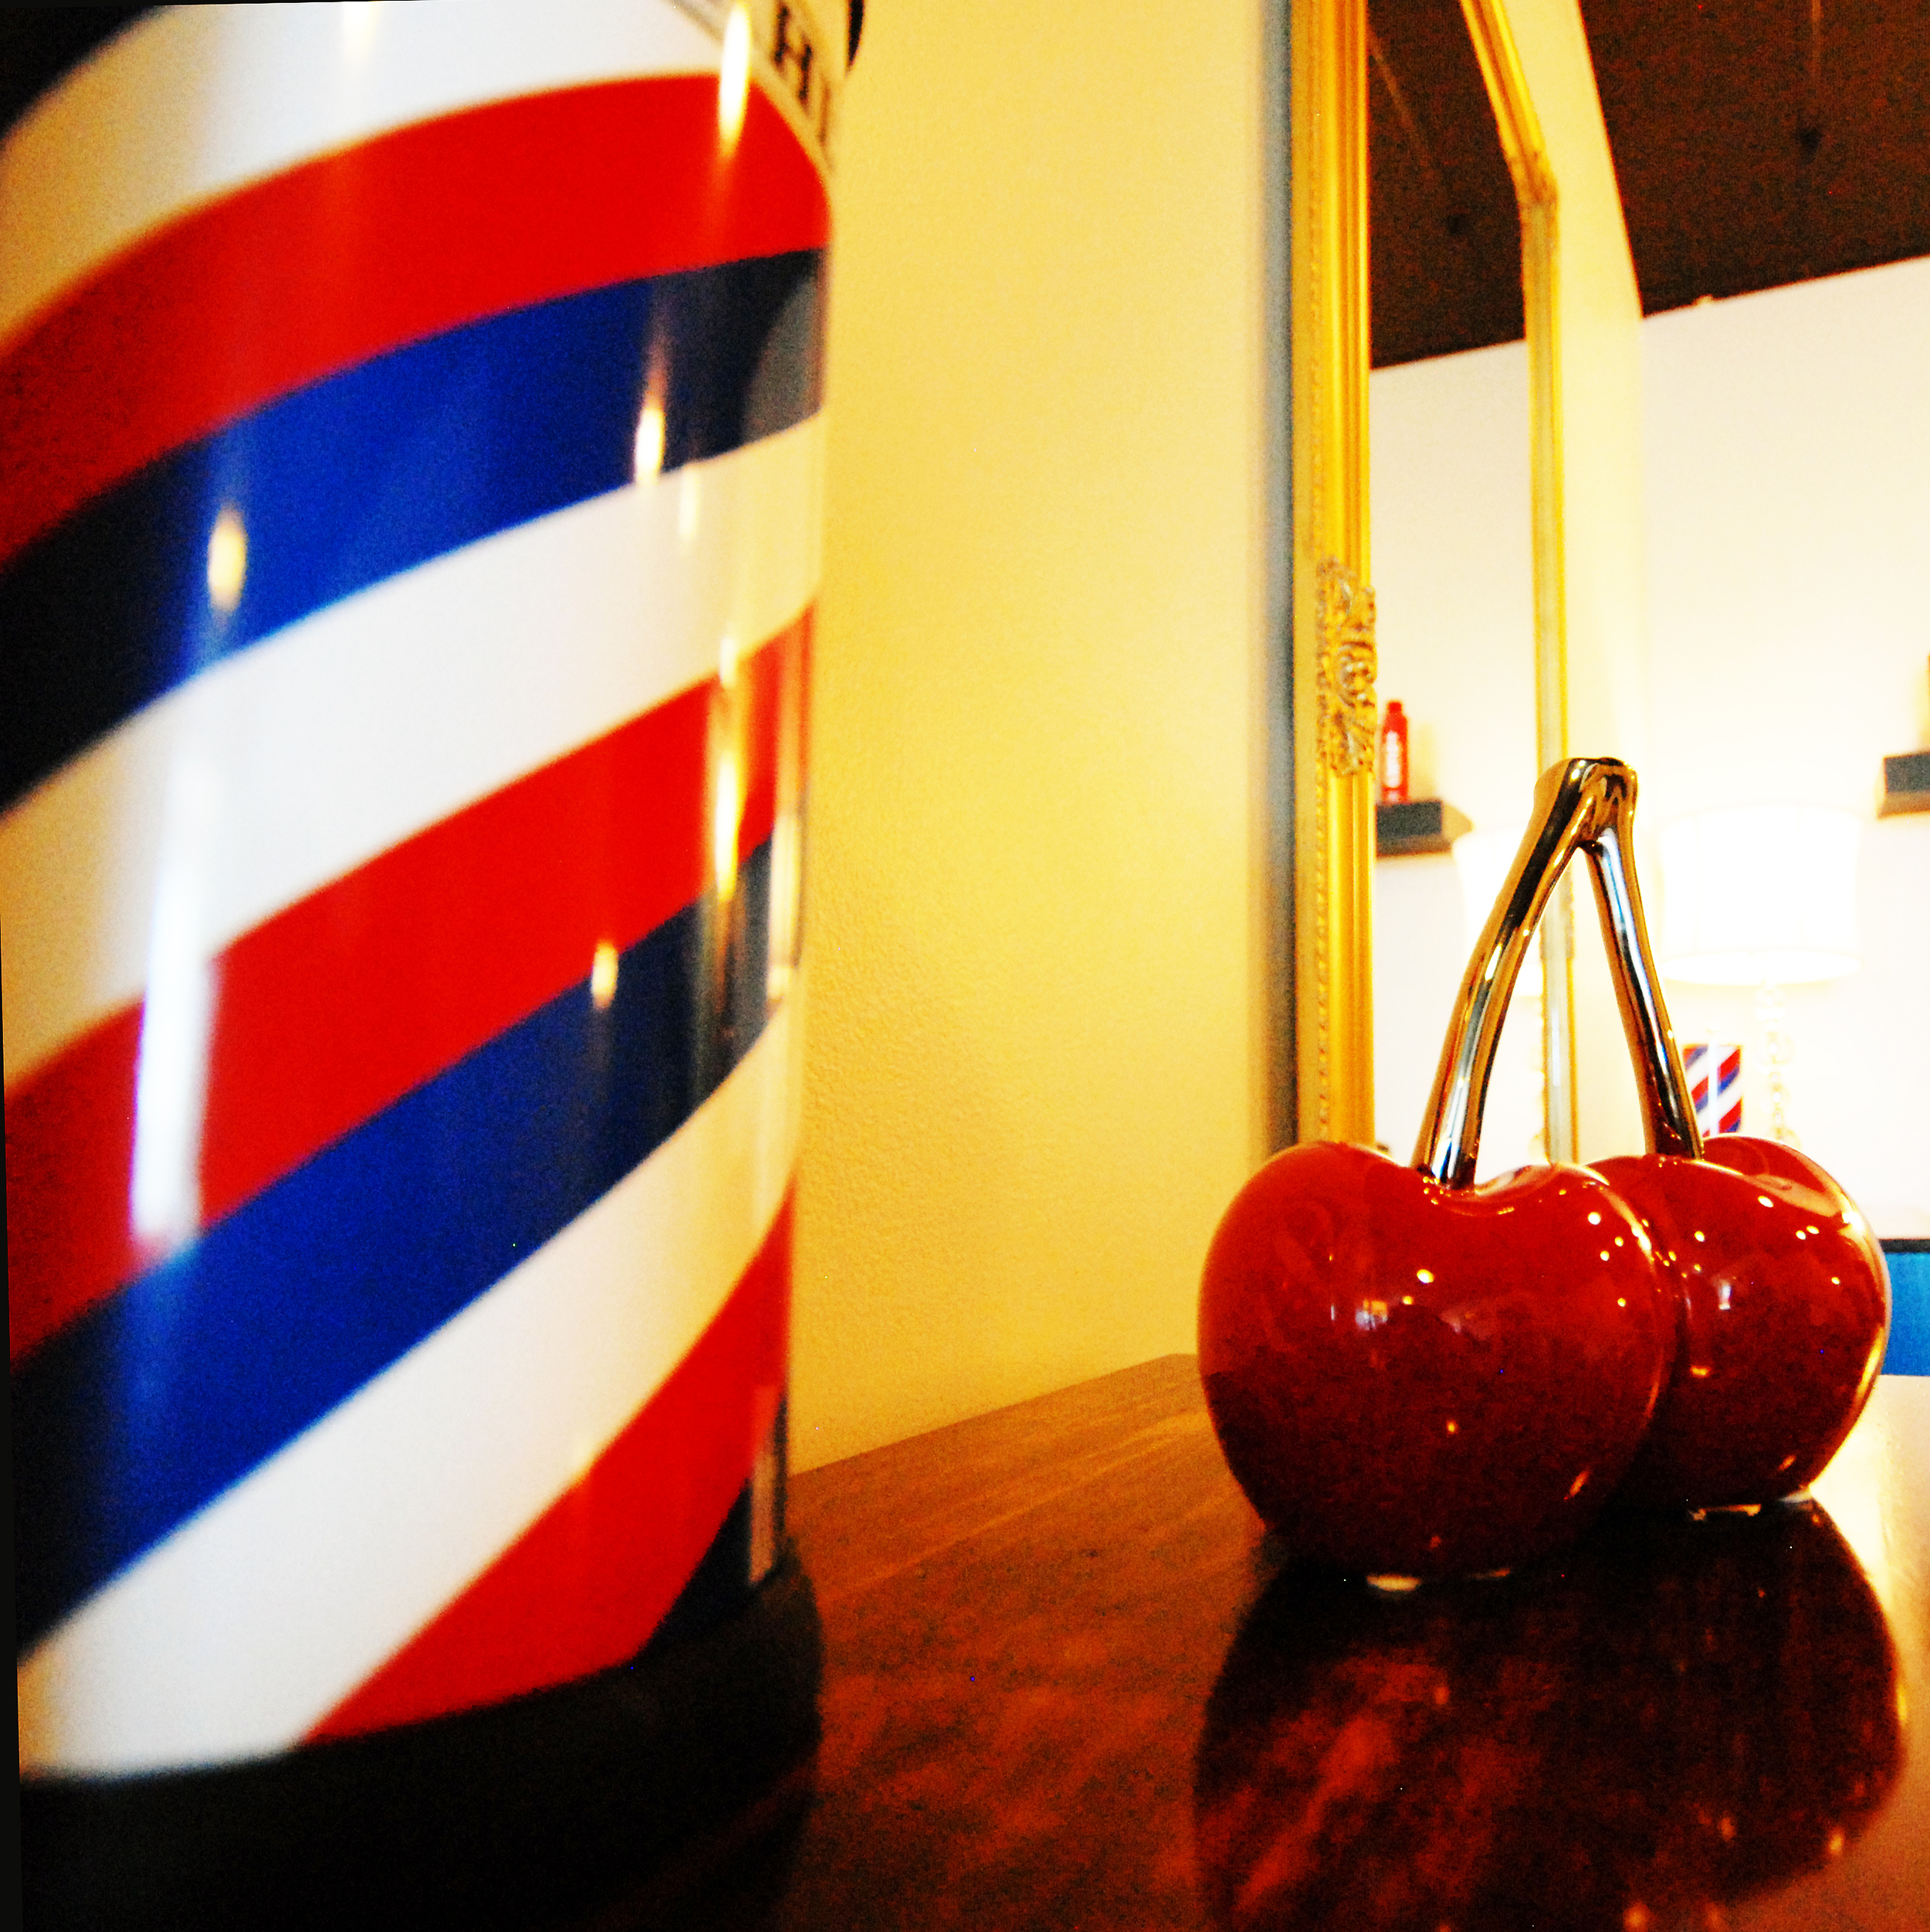 Cherries on desk.jpg